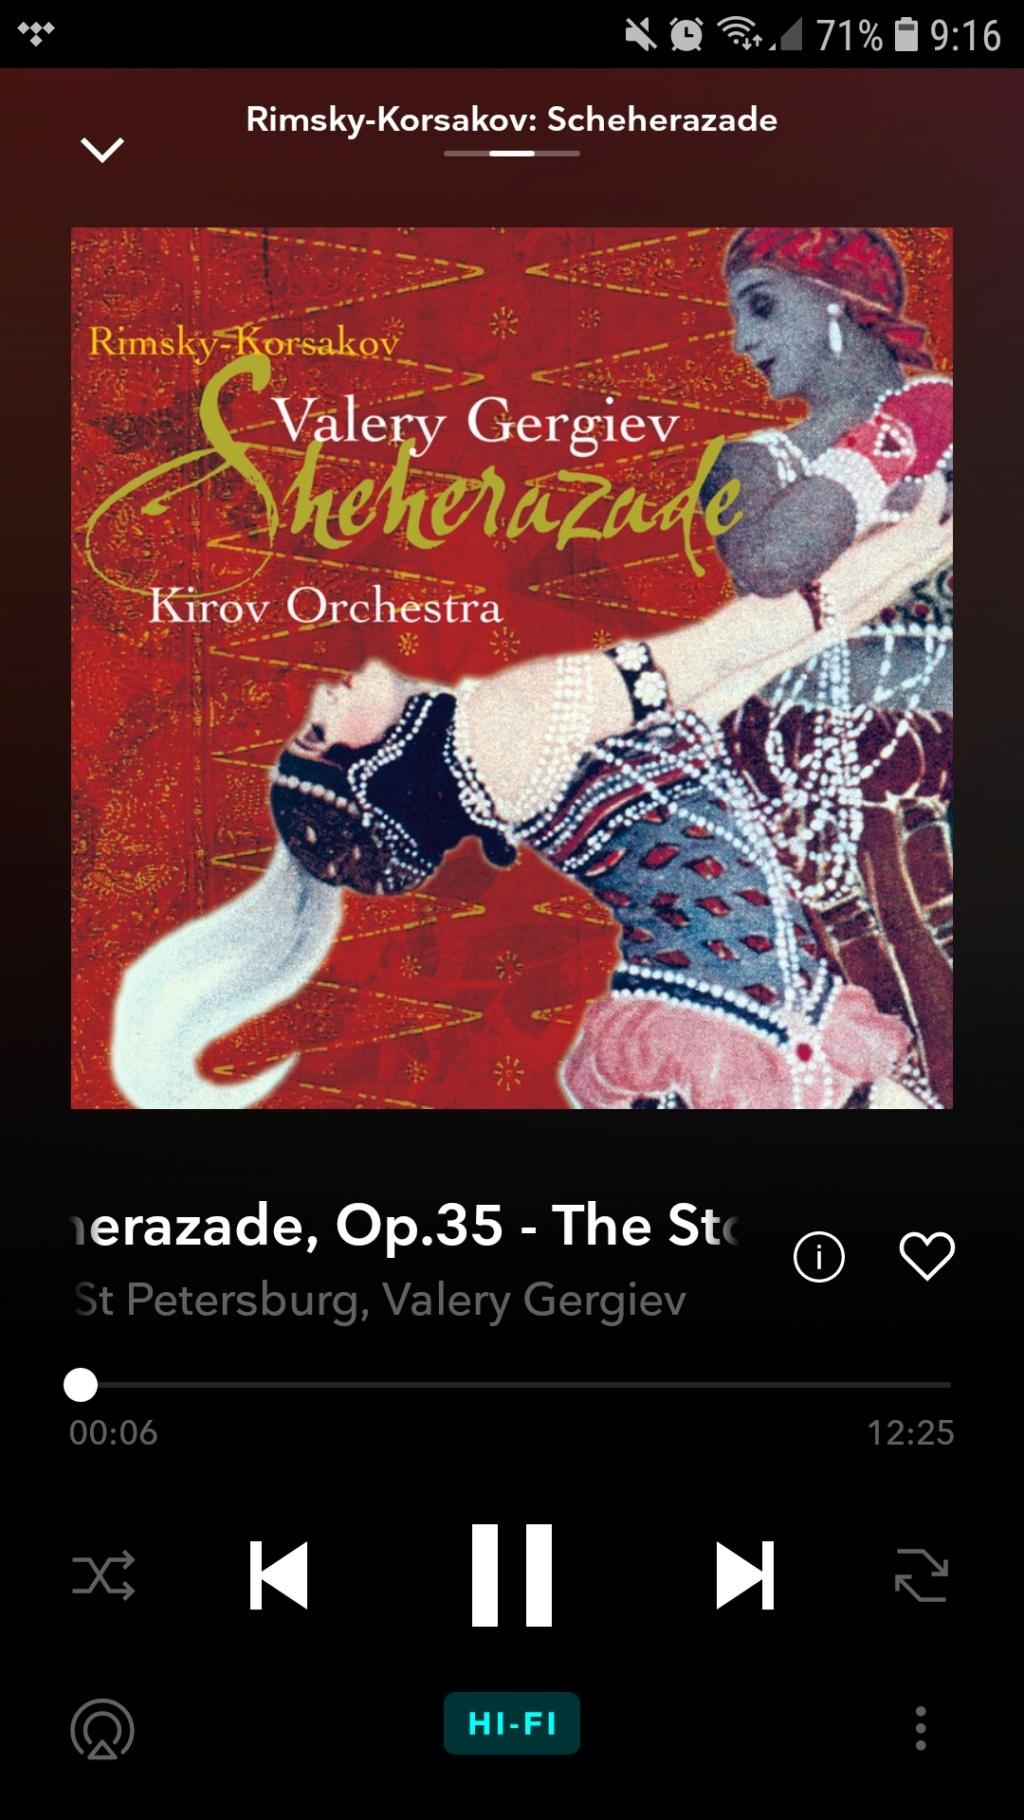 Que versión de Scheherazade de Rimsky korsakov os gustan más? Screen10